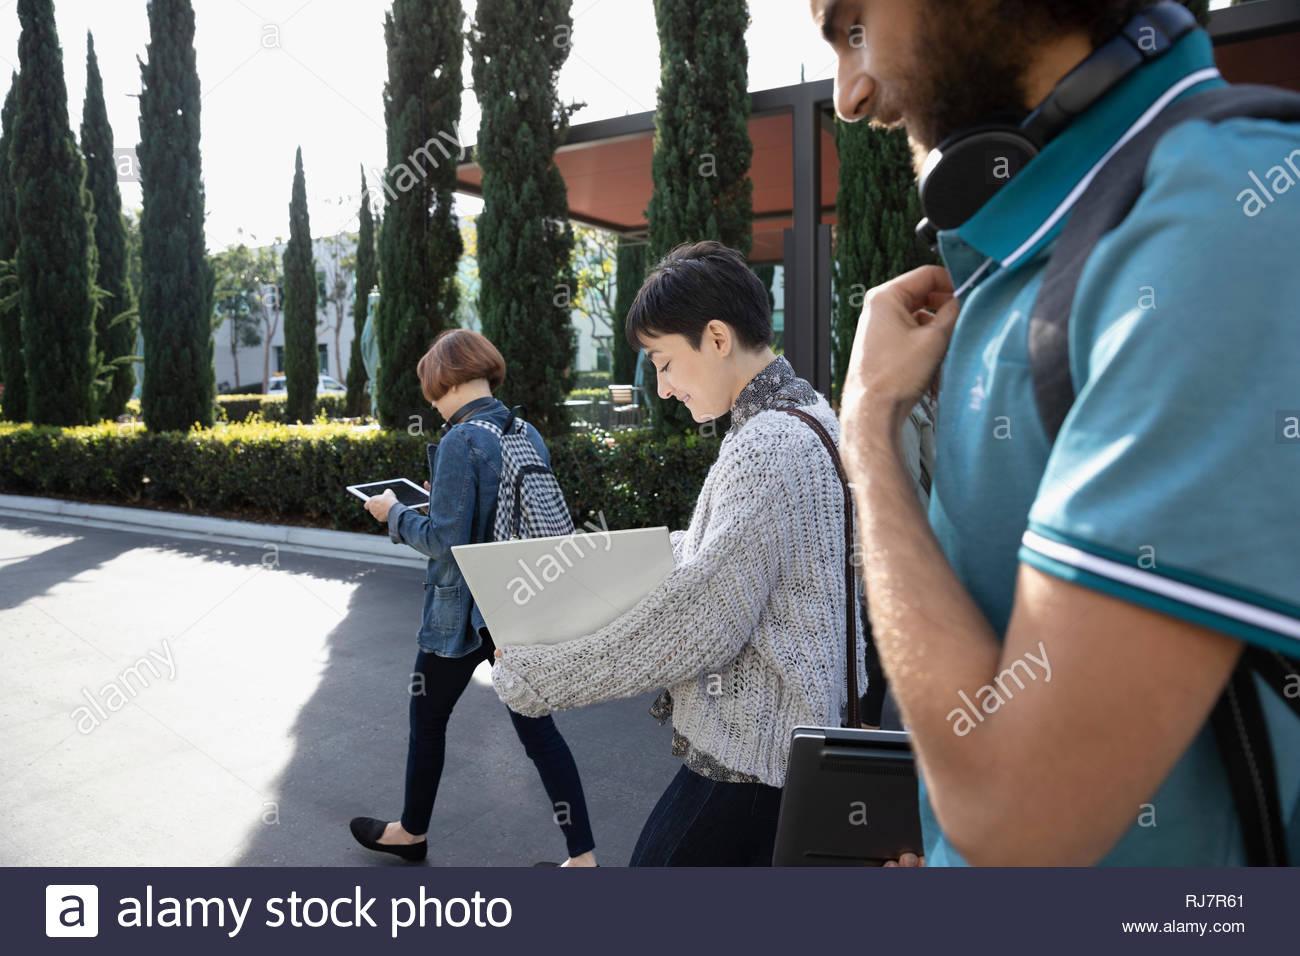 La gente di affari a piedi in parcheggio Immagini Stock